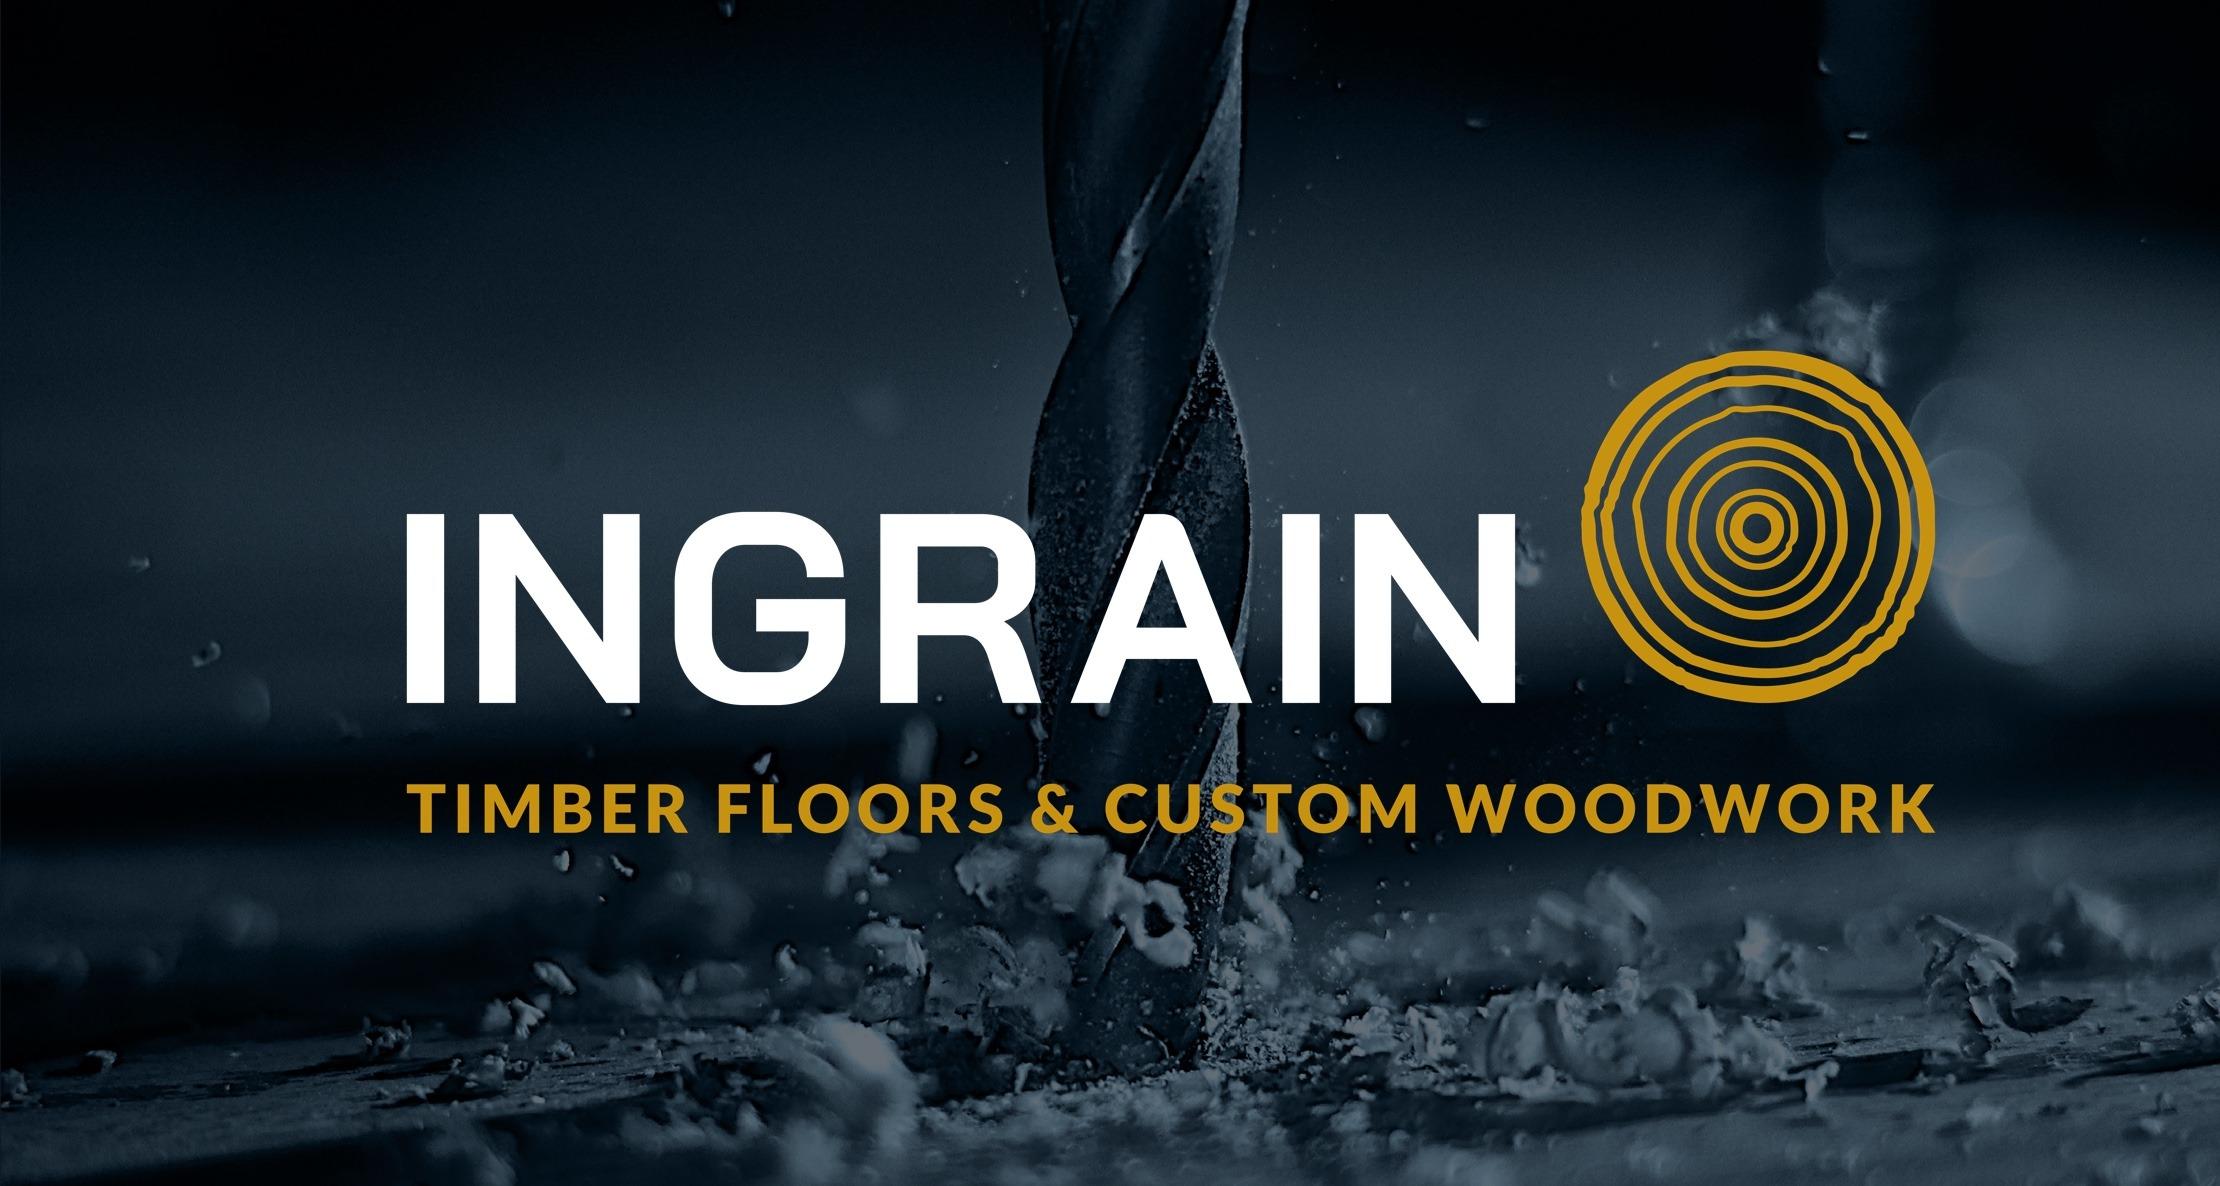 Final Logo Concept - Ingrain